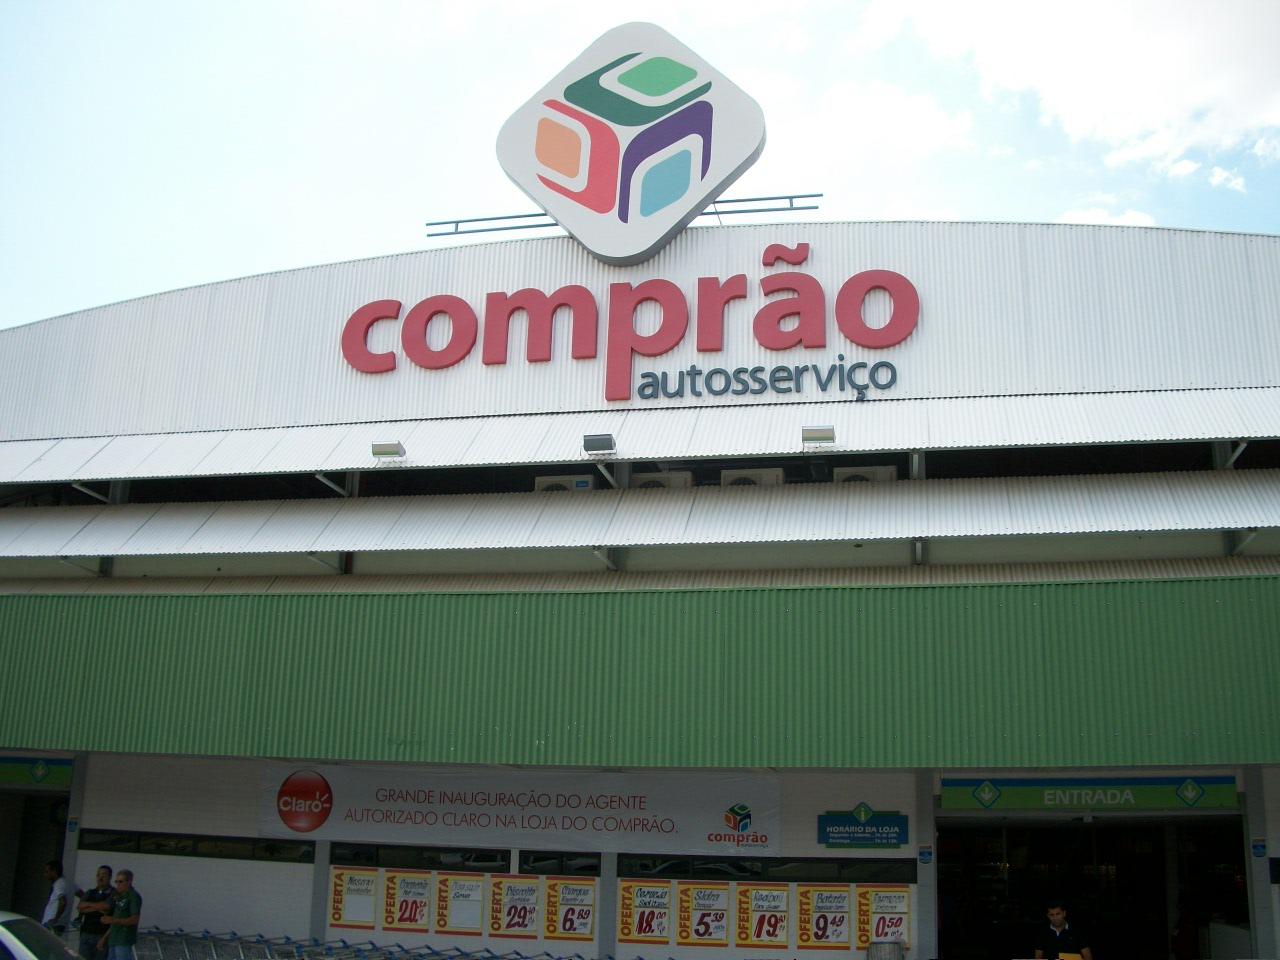 cd98acc41 O Grupo Bonanza irá inaugurar nova loja do Comprão, no próximo dia 05 de  dezembro, na cidade de Guarabira, interior da Paraíba. A loja fica  localizada no ...